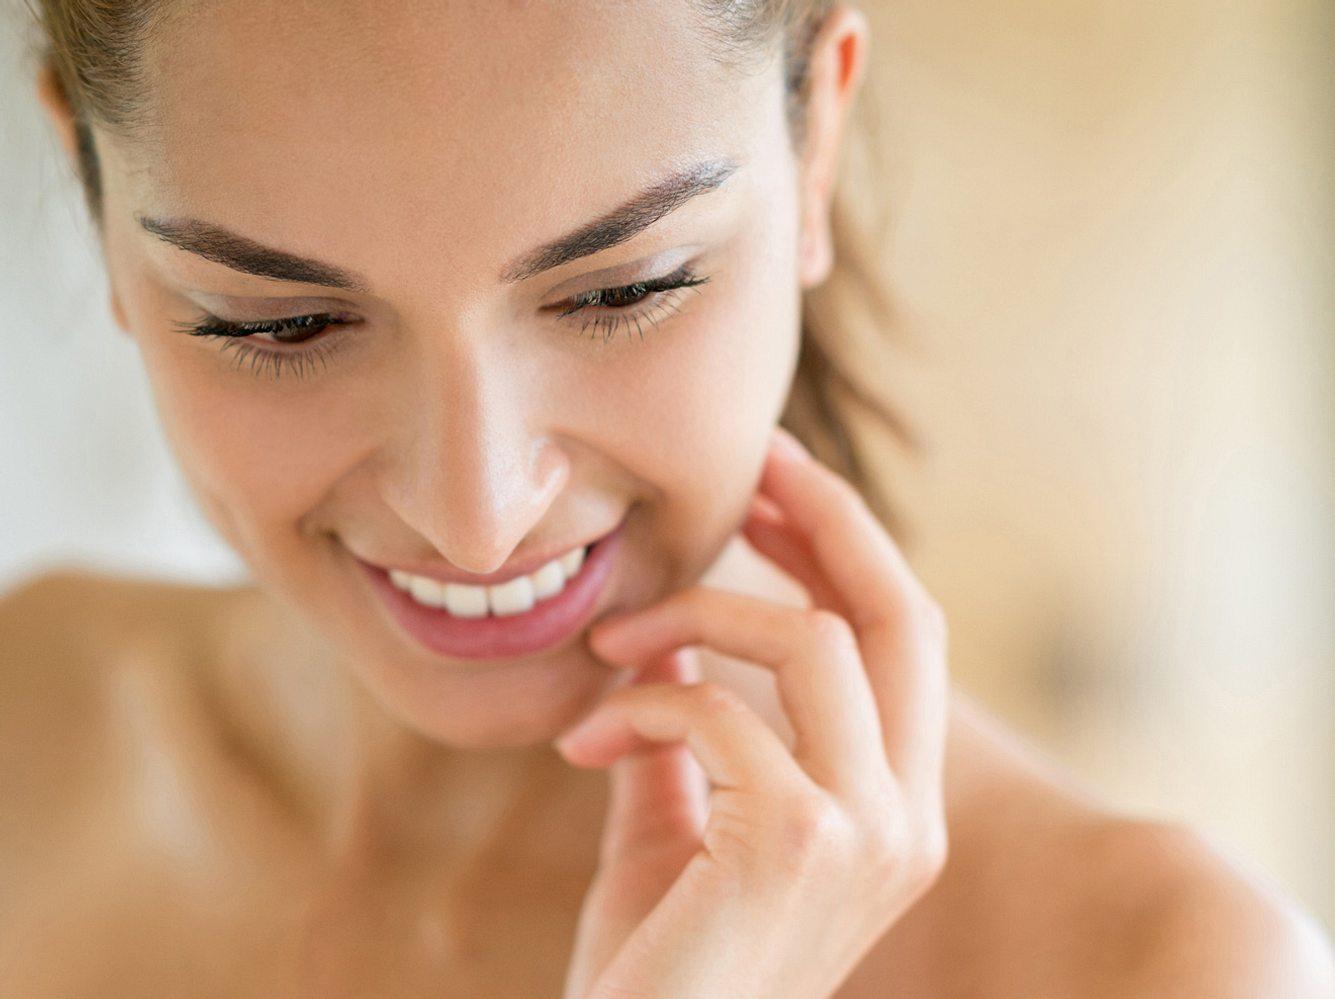 Enzyme Peeling & Hyaluronpflege: Beauty-Neuheiten für natürlich frische Haut